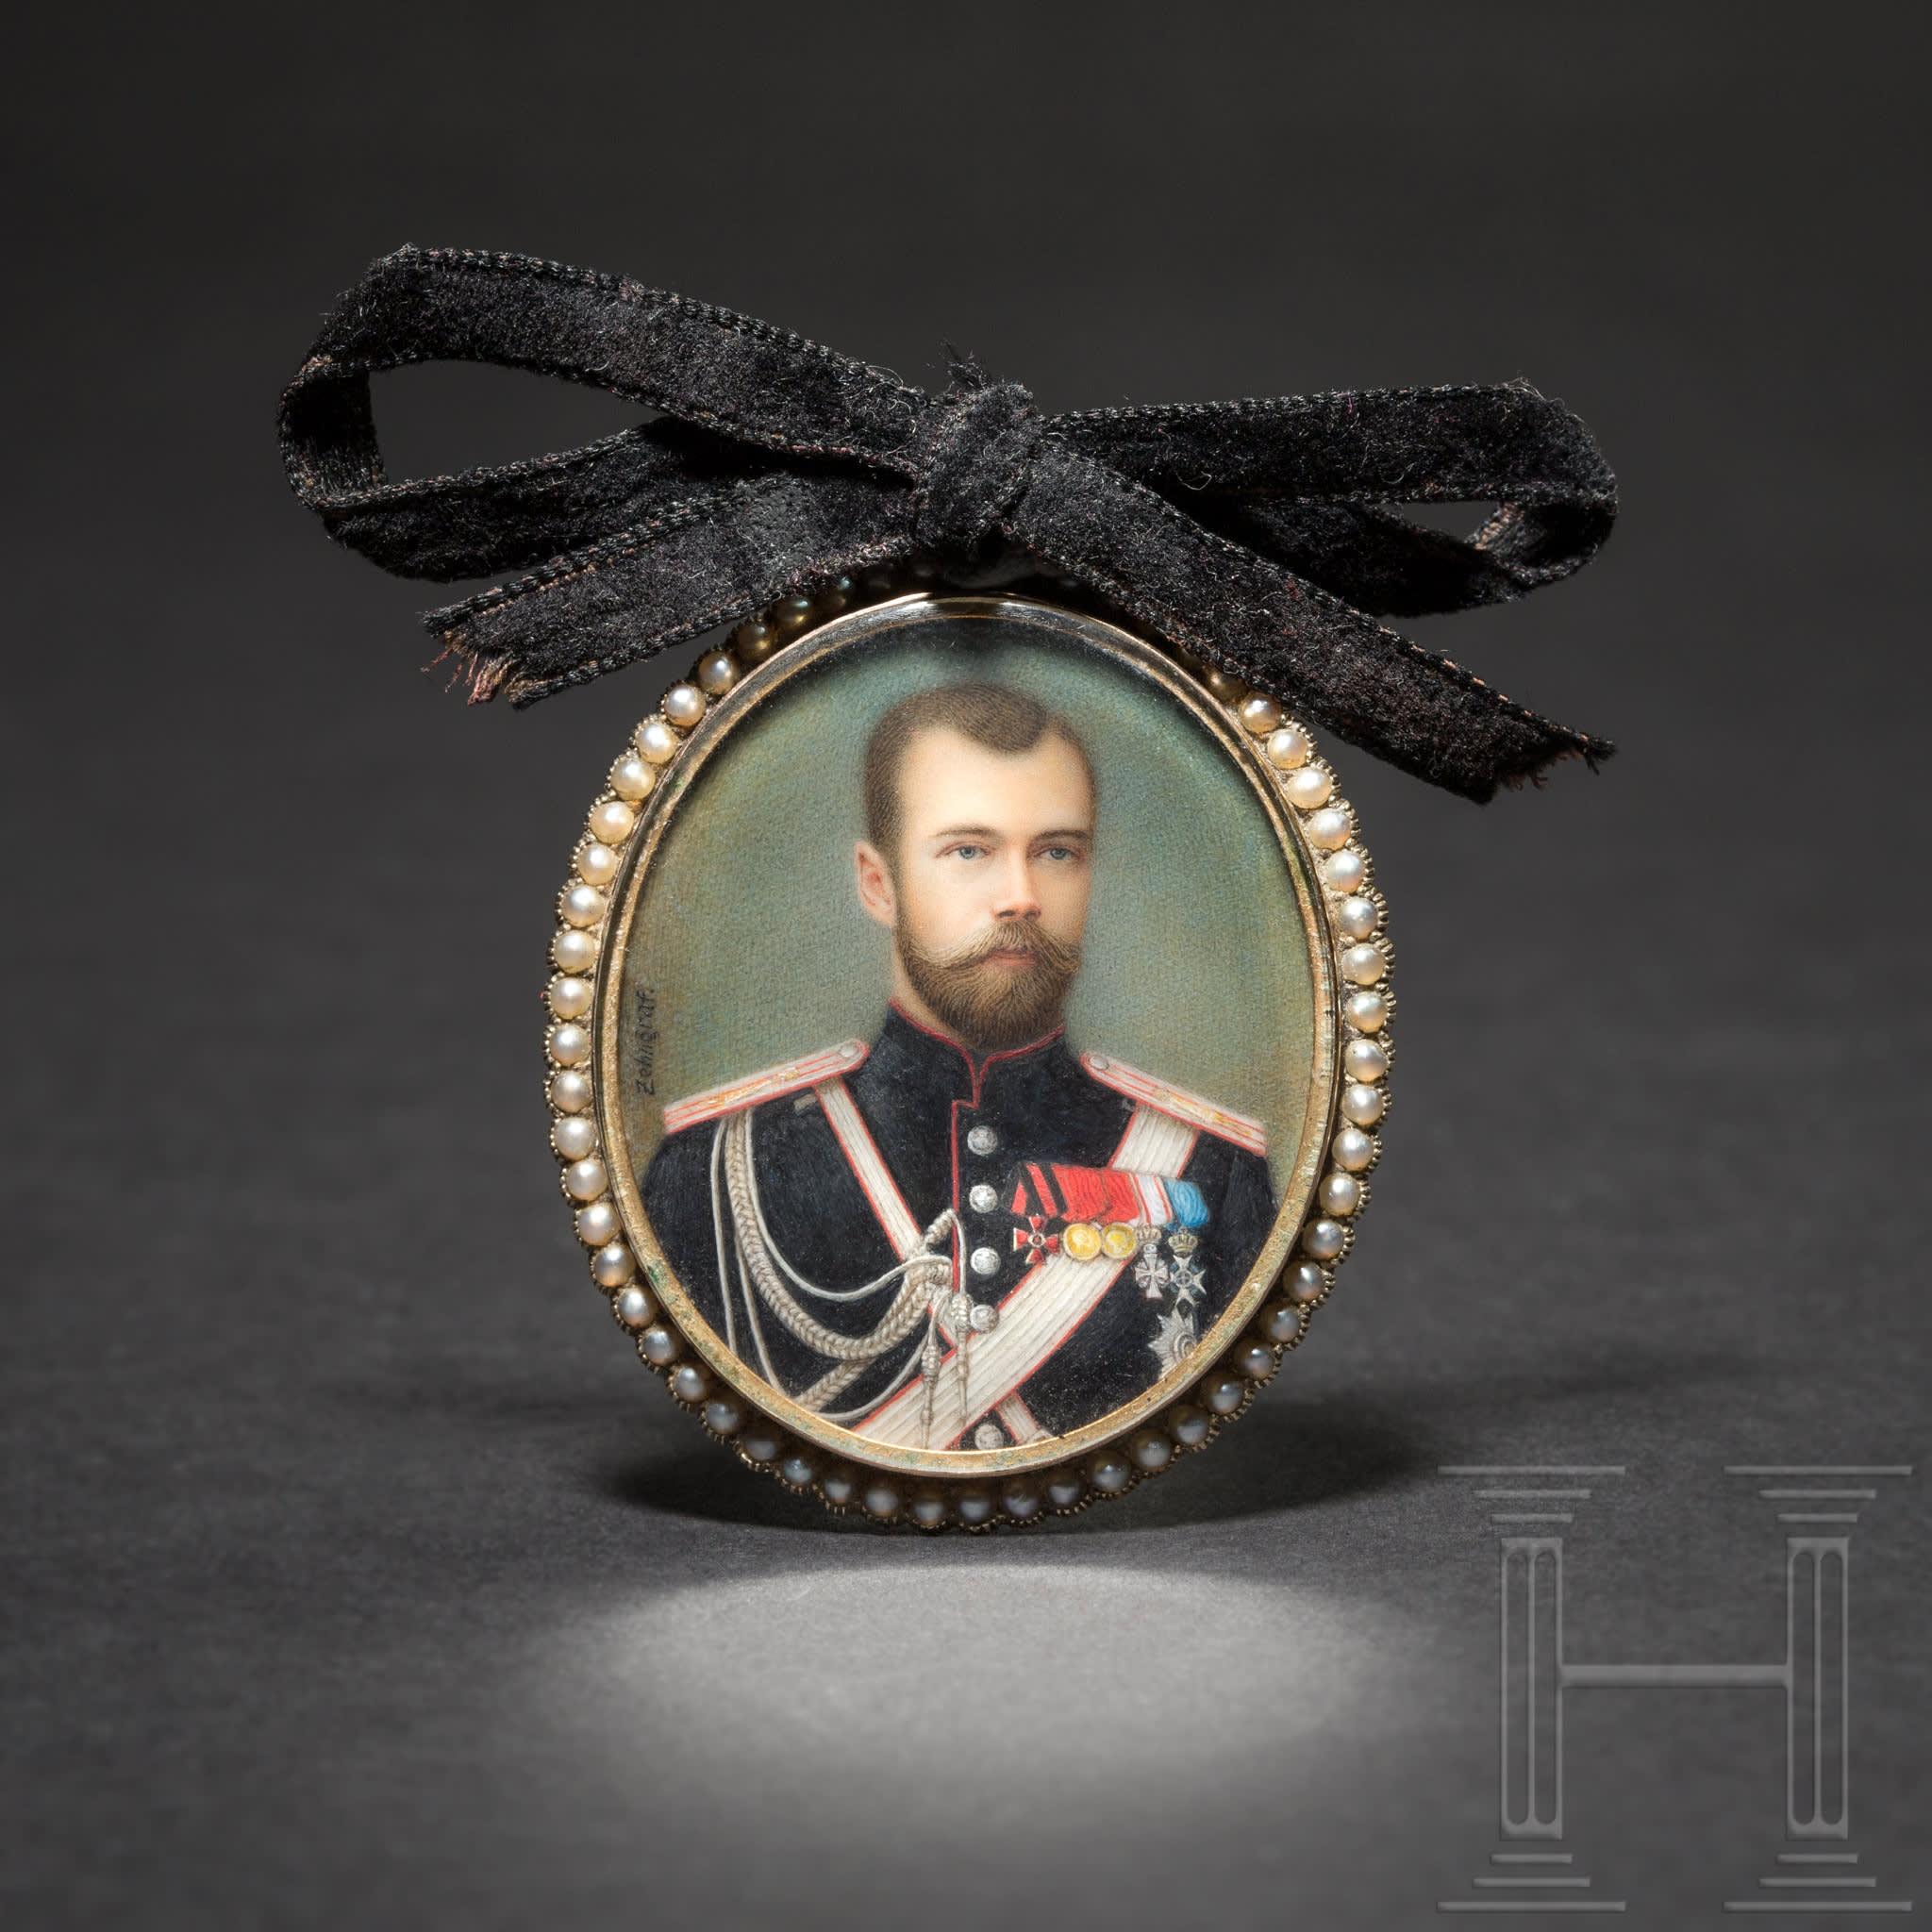 Cadeau personnel du tsar Nicolas II – son propre portrait, miniature sur ivoire dans un cadre doré, présumé Fabergé, peint par Johannes Zehngraf, Russie, daté de 1898, image © Hermann Historica